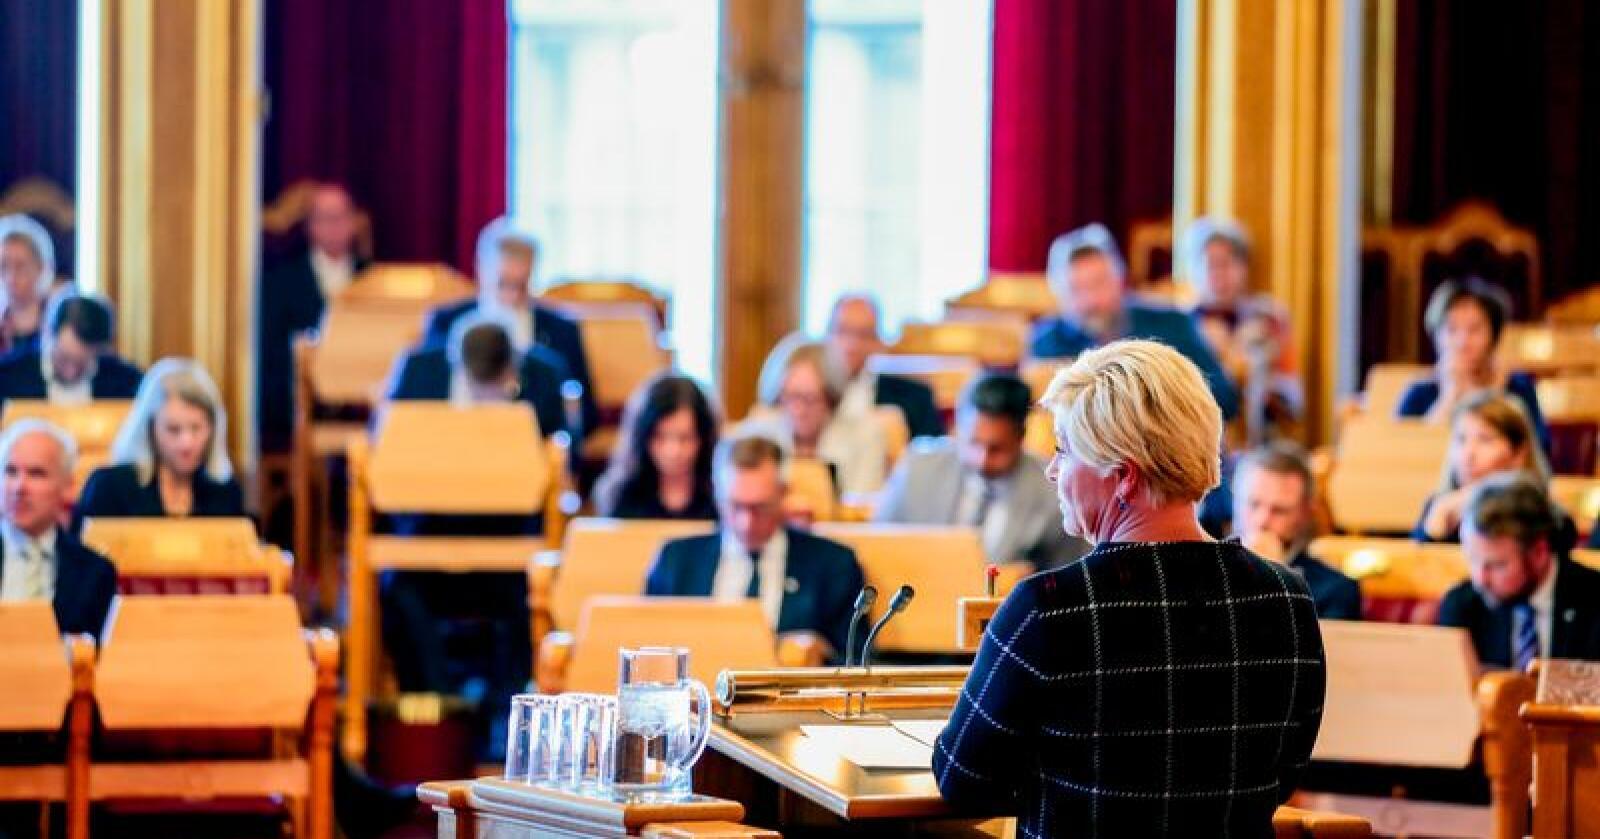 Finansminister Siv Jensen (Frp) kutter i oljepengebruken for første gang siden regjeringen tiltrådte i 2013. Foto: Håkon Mosvold Larsen / NTB scanpix